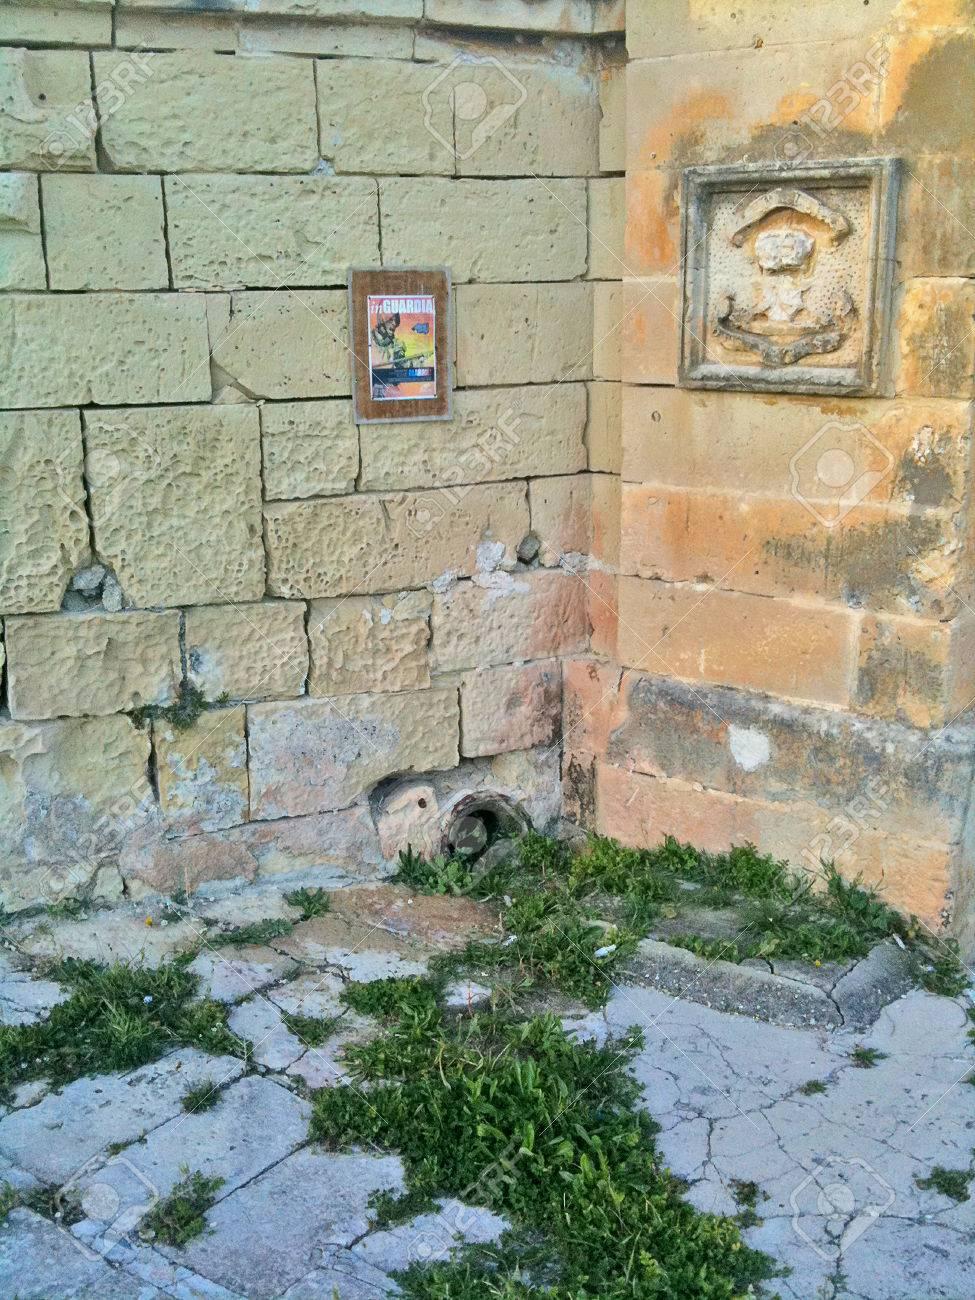 cantera malts obras de arte y el marco en las paredes exteriores foto de